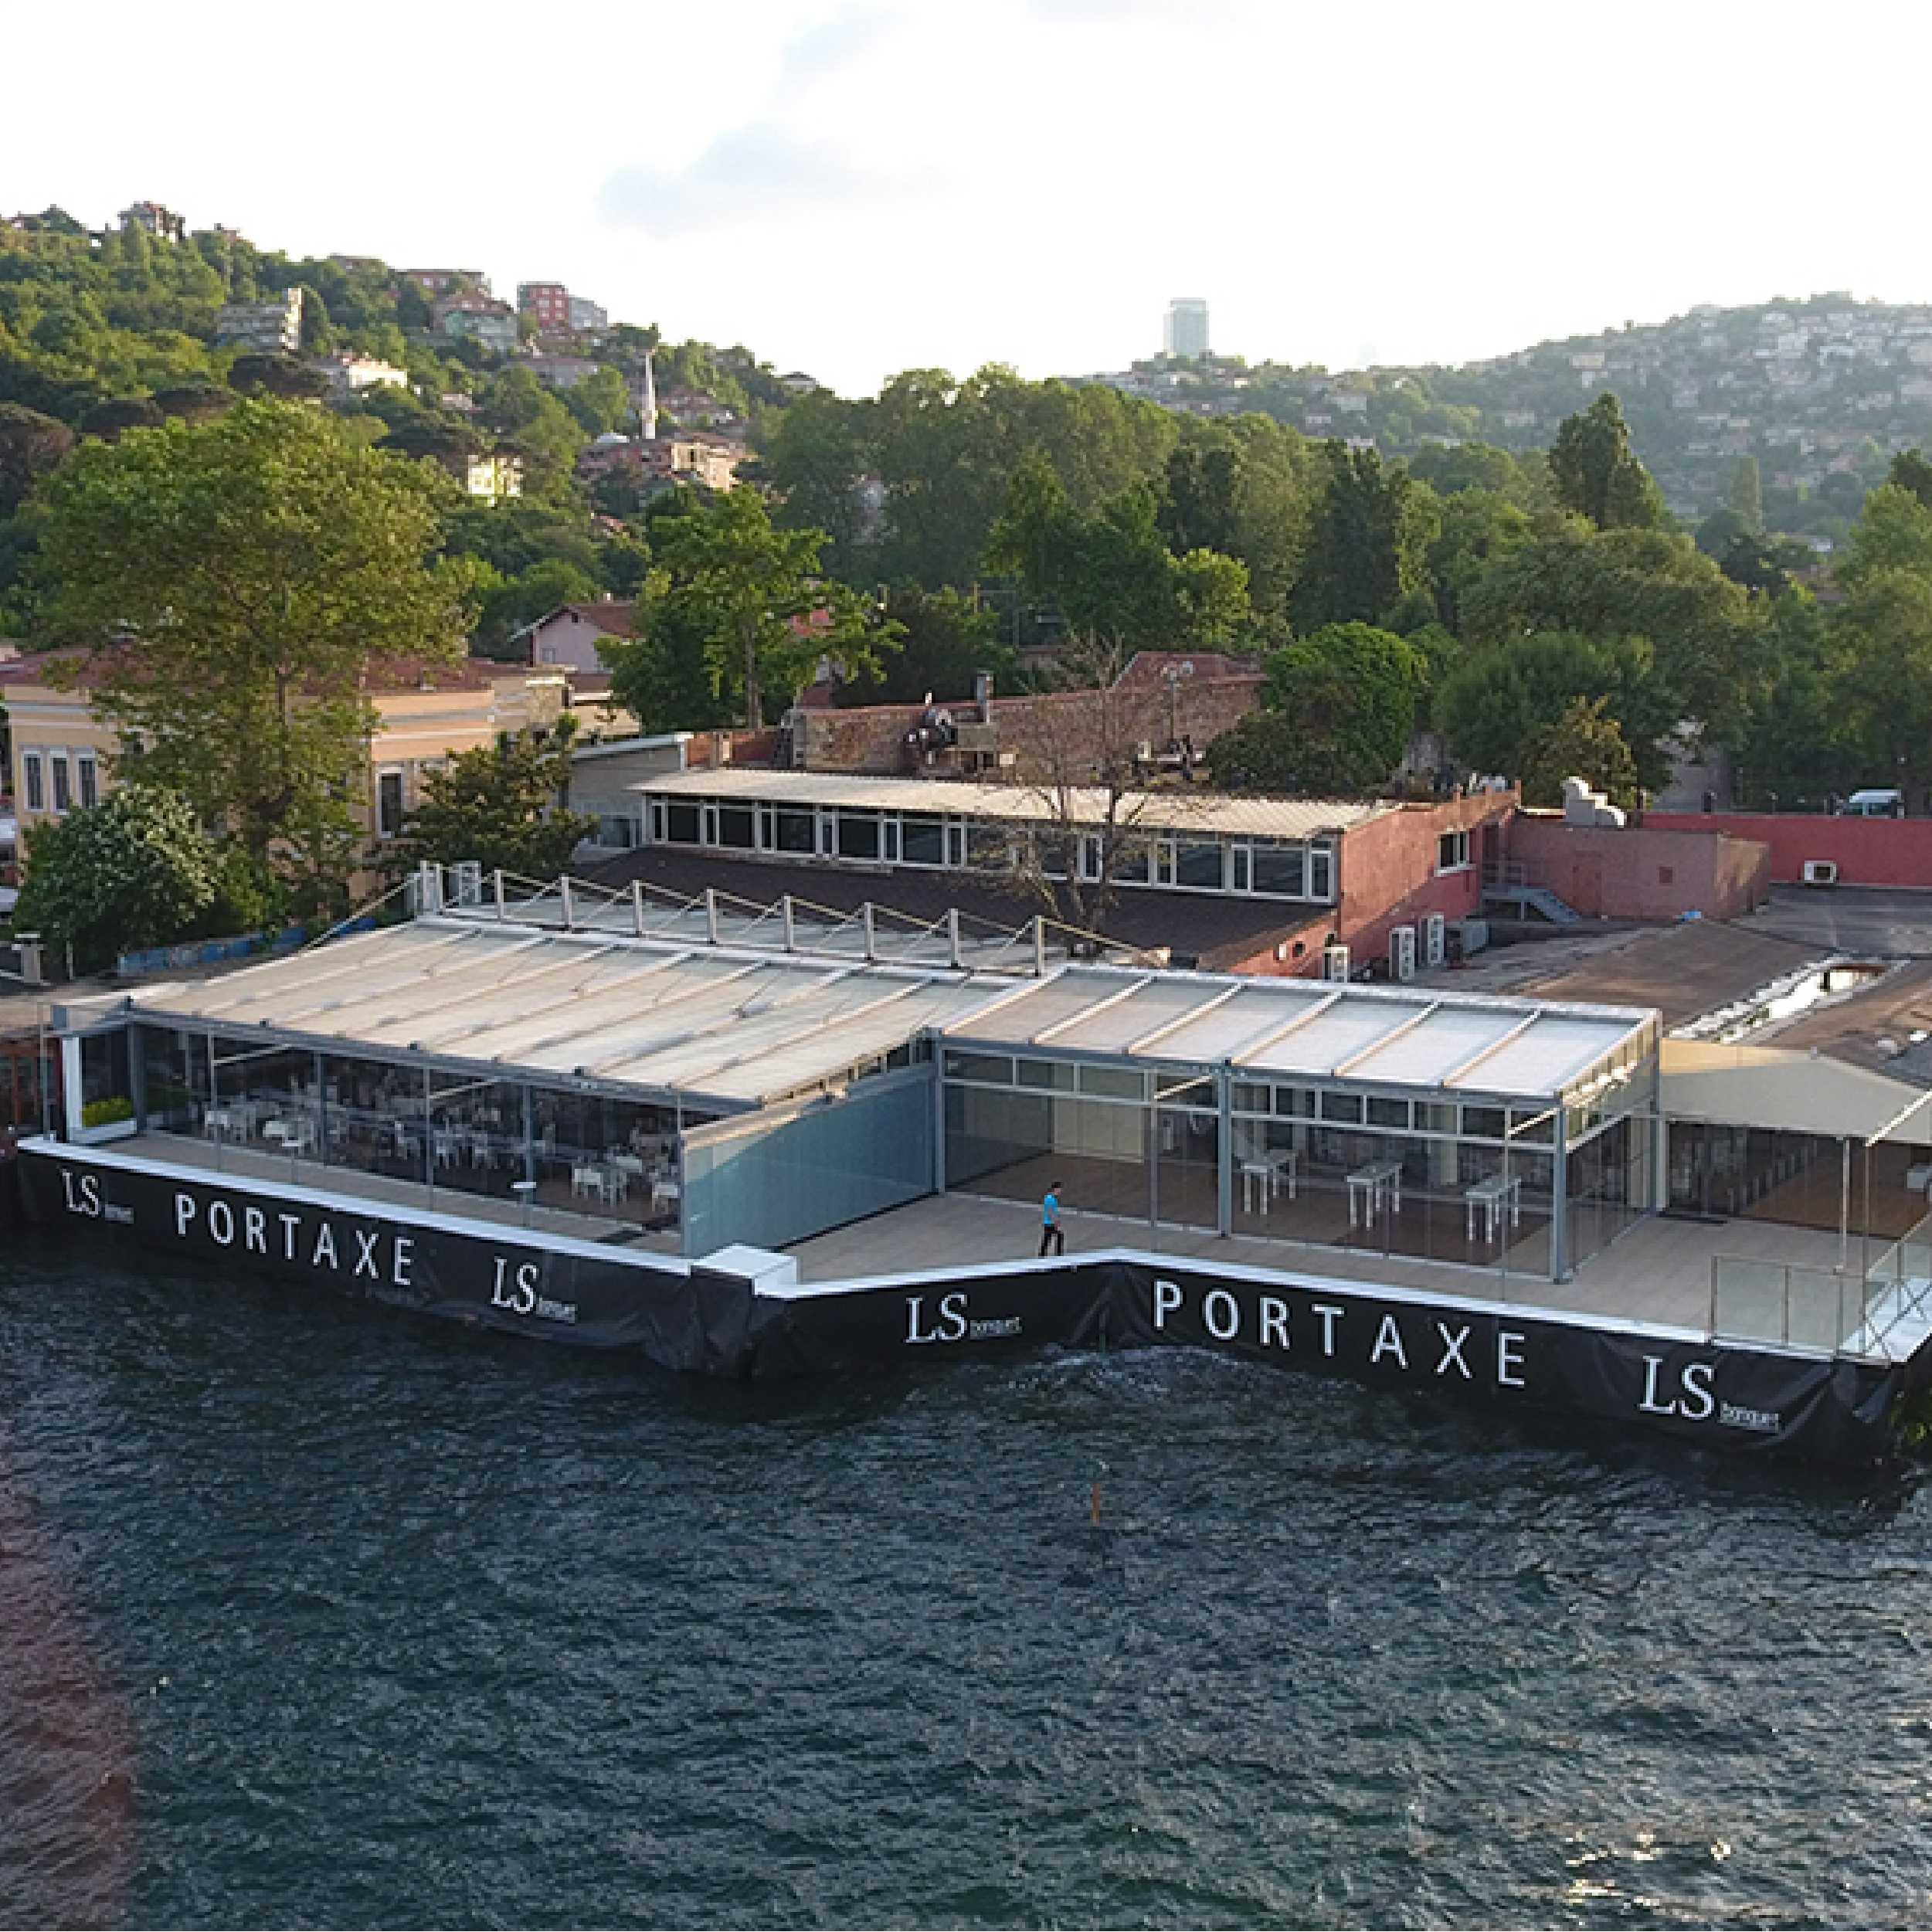 Portaxe İstanbul